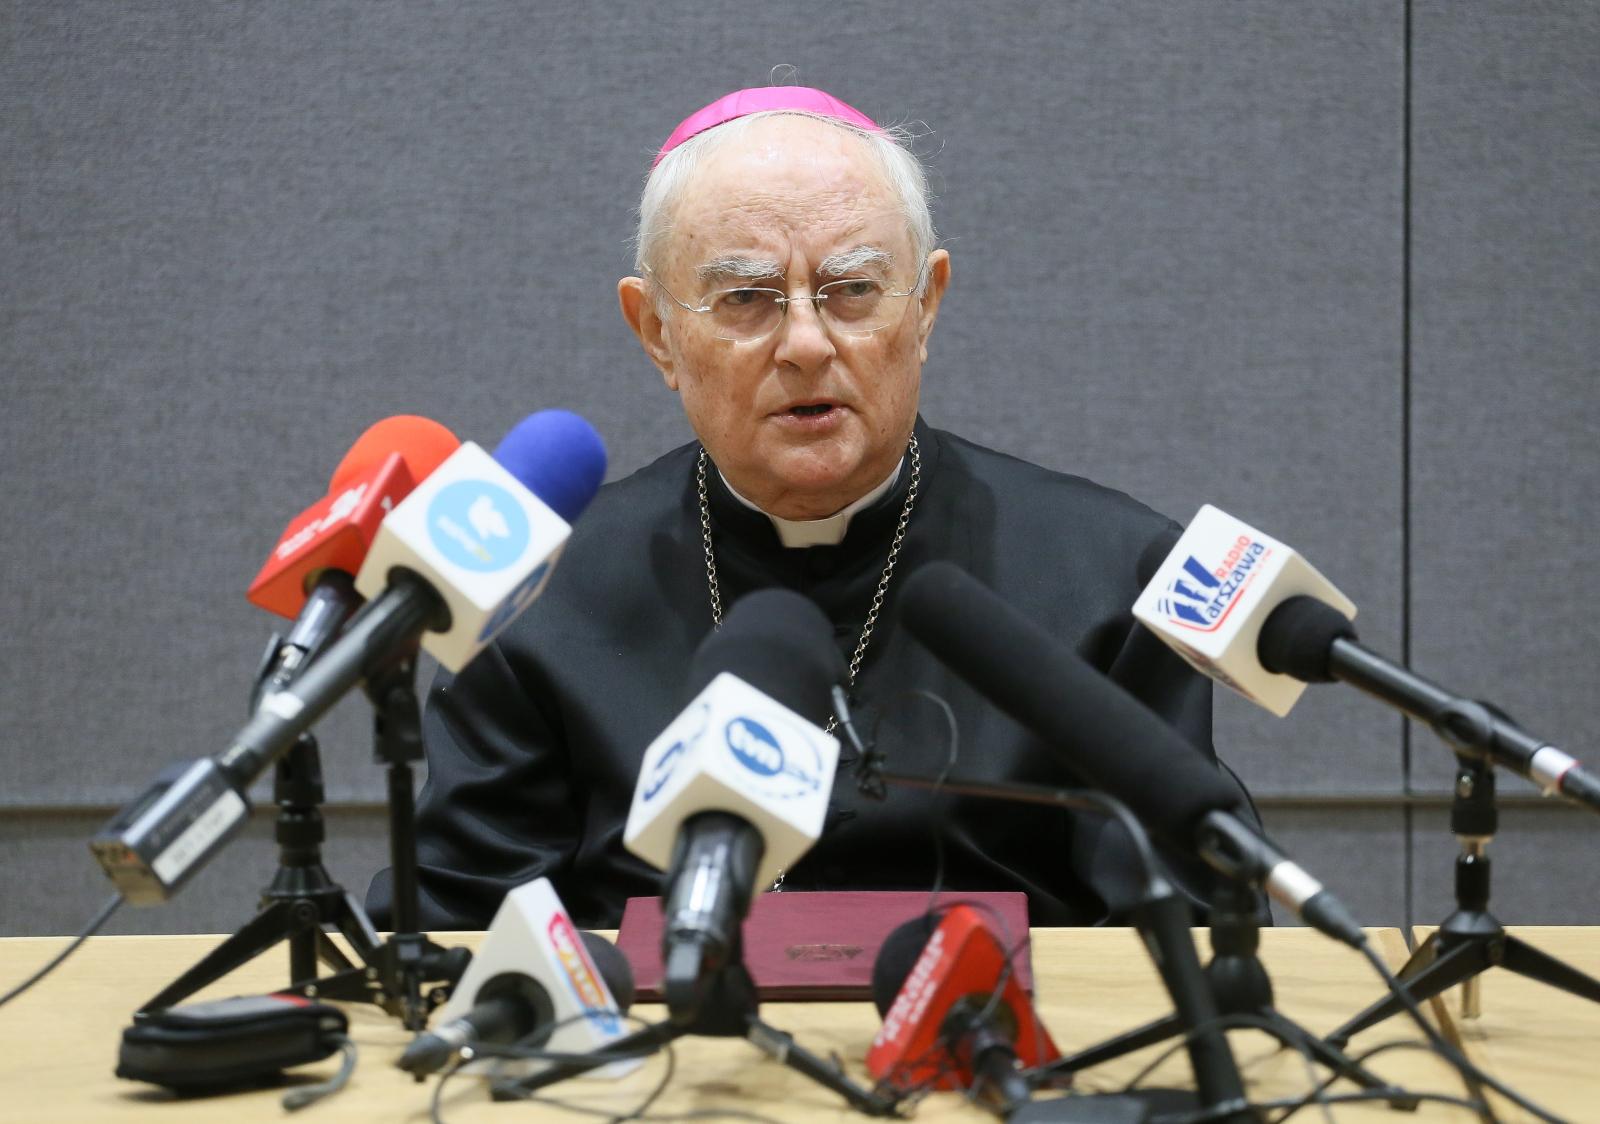 Arcybiskup Henryk Hoser podczas konferencji prasowej nt. jego misji do Medjugorje. Fot. PAP/Paweł Supernak